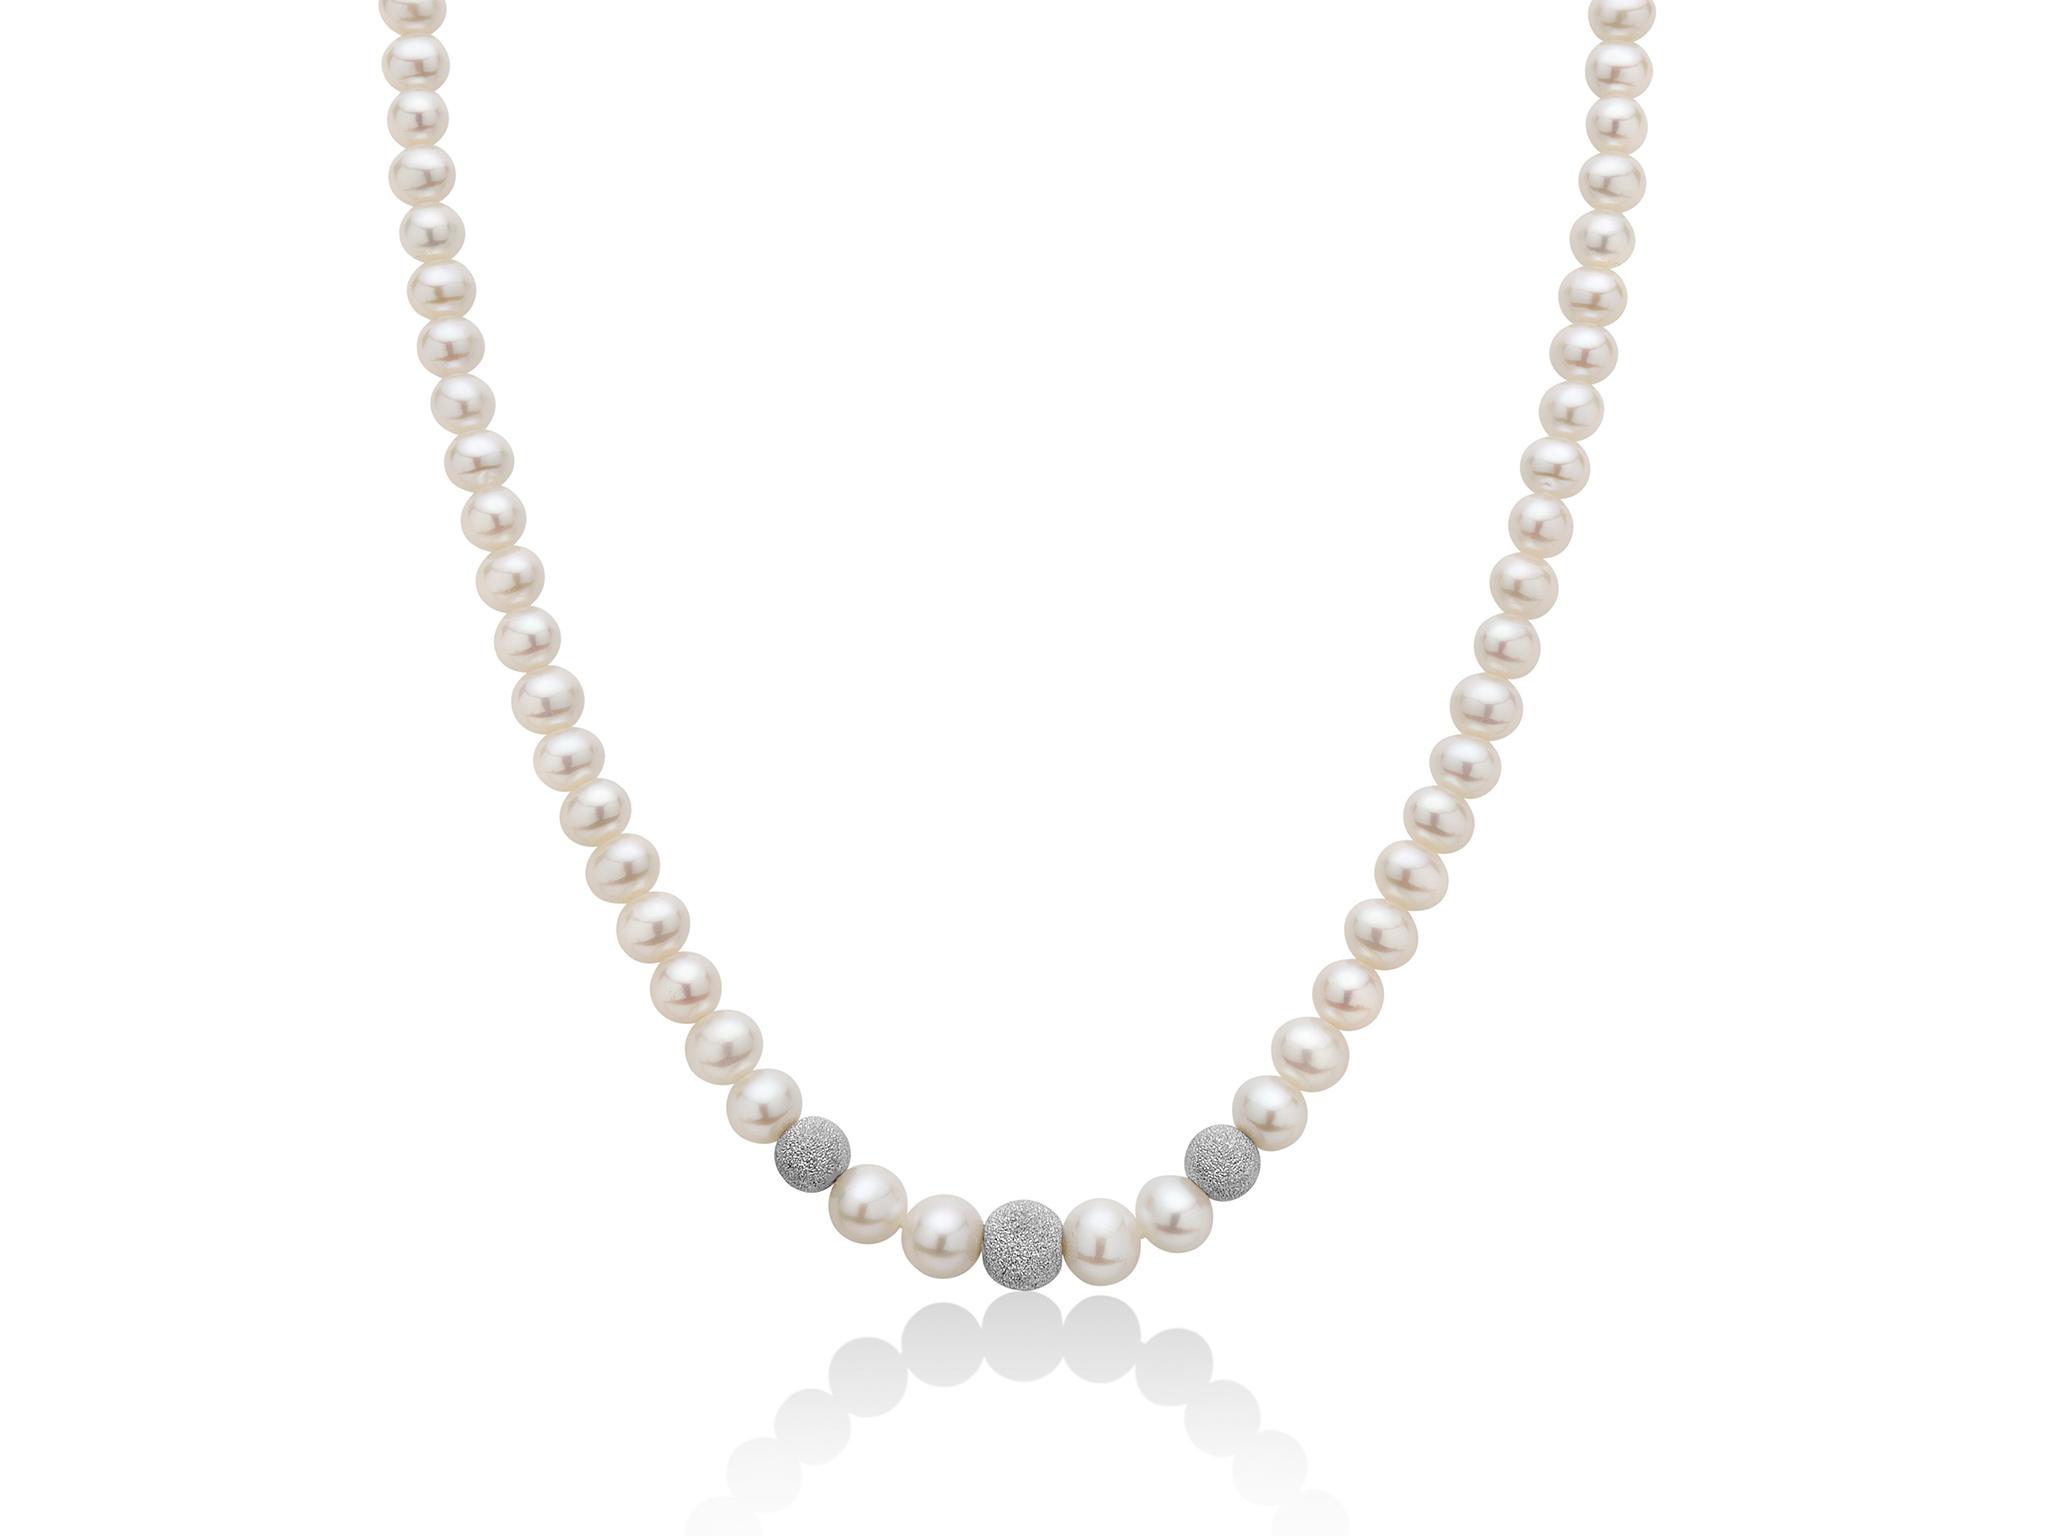 Collana di perle Oriente con boule diamantate - PCL2089BV